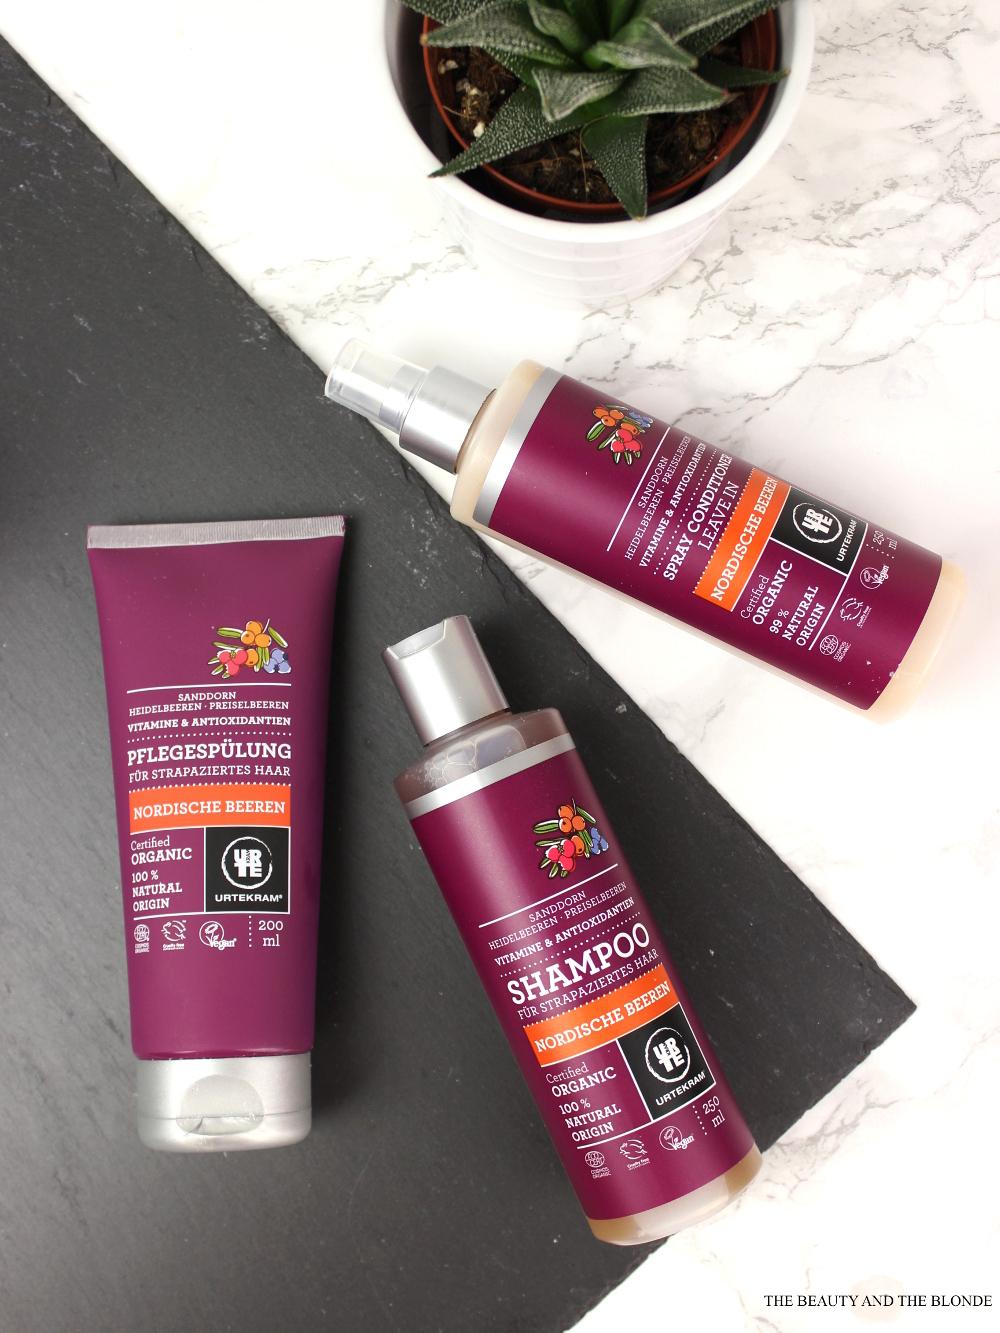 Urtekram Nordische Beeren Shampoo Spülung Sprühconditioner Review Naturkosmetik Haarprodukte